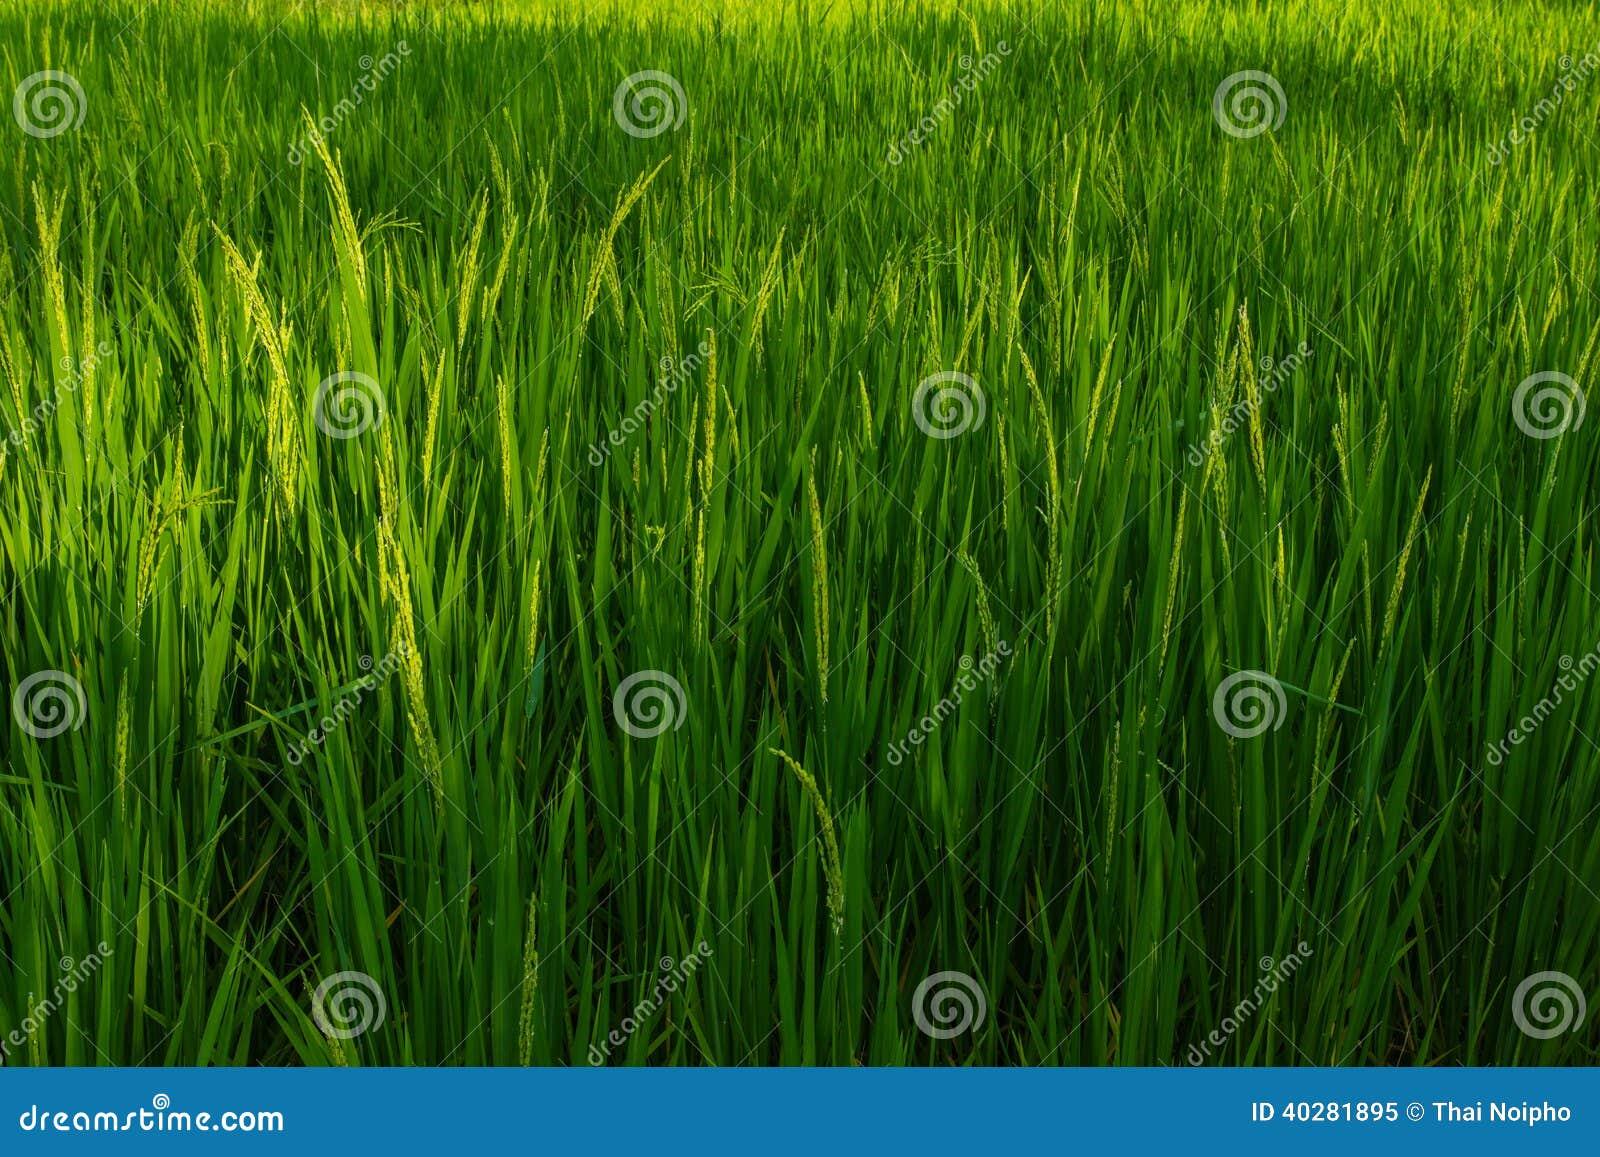 Рис в поле